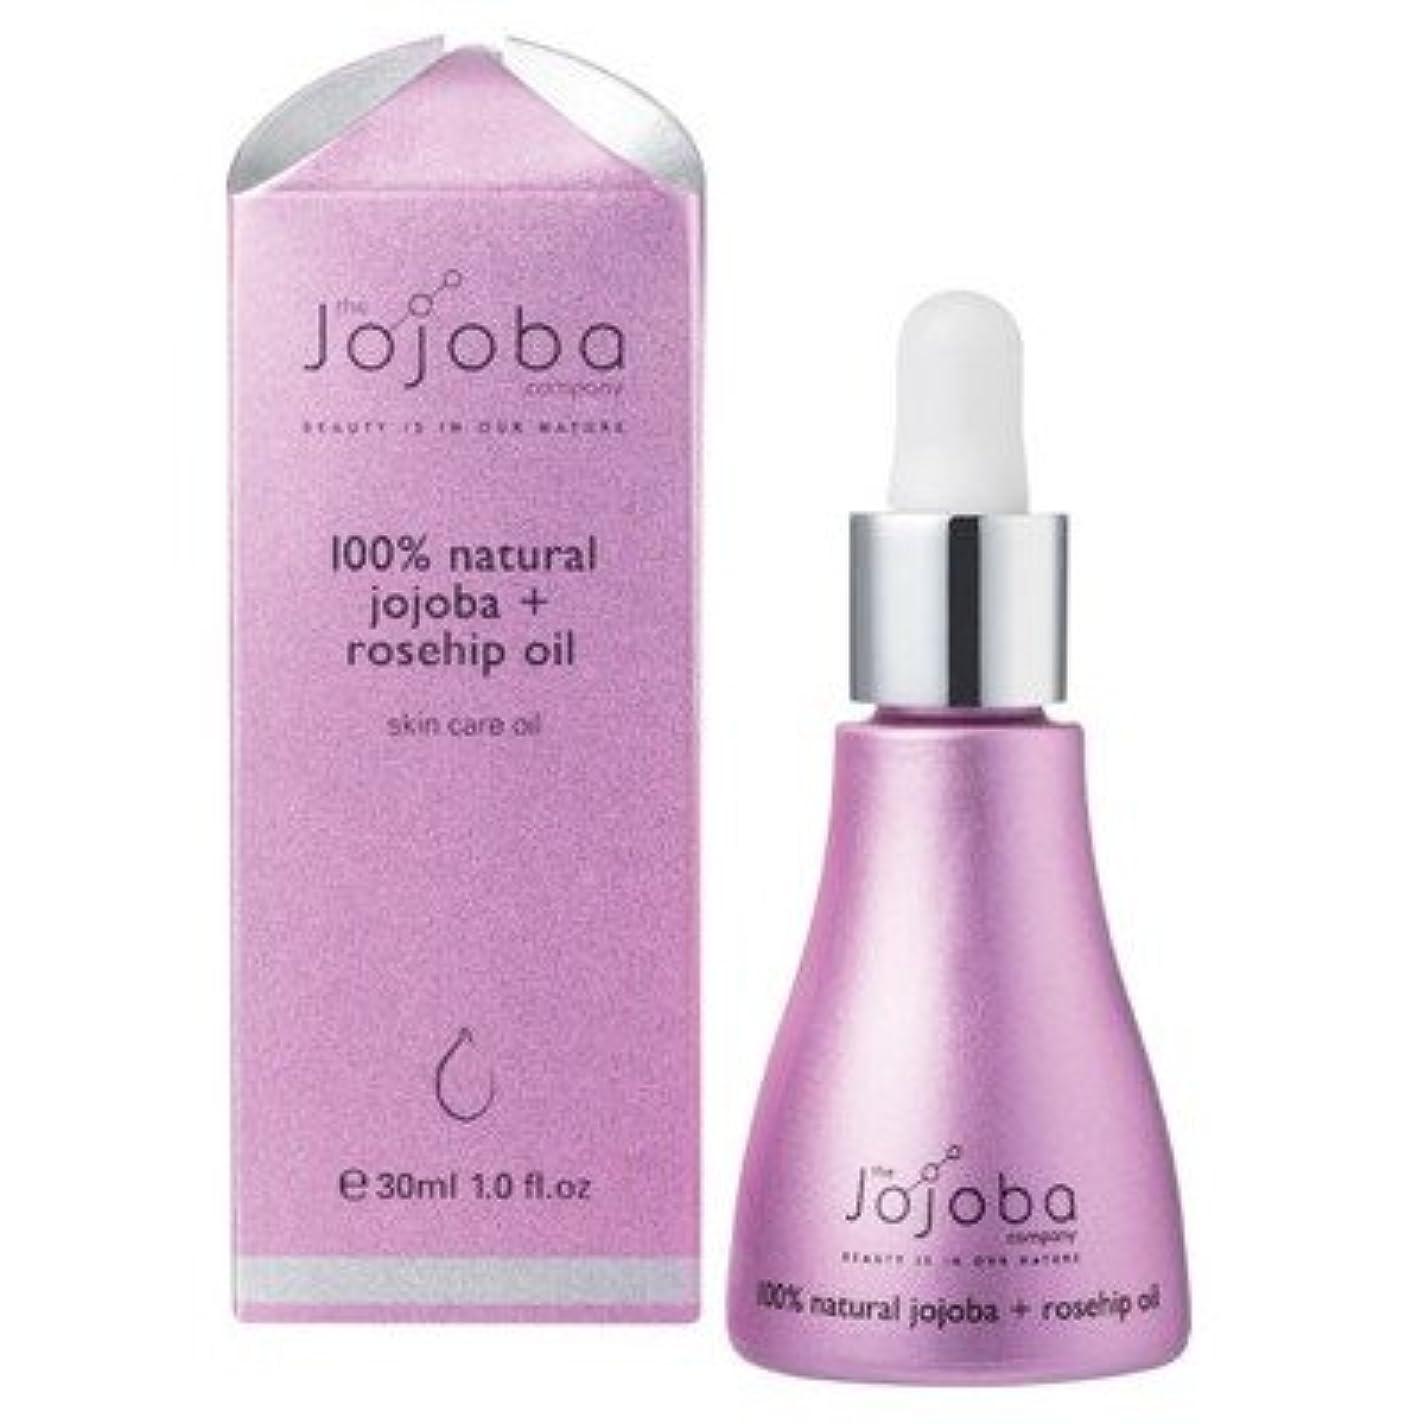 the Jojoba Company 100% Natural Australian Jojoba Oil + Rosehip Oil ホホバ&ローズヒップブレンドオイル 30ml [海外直送品]